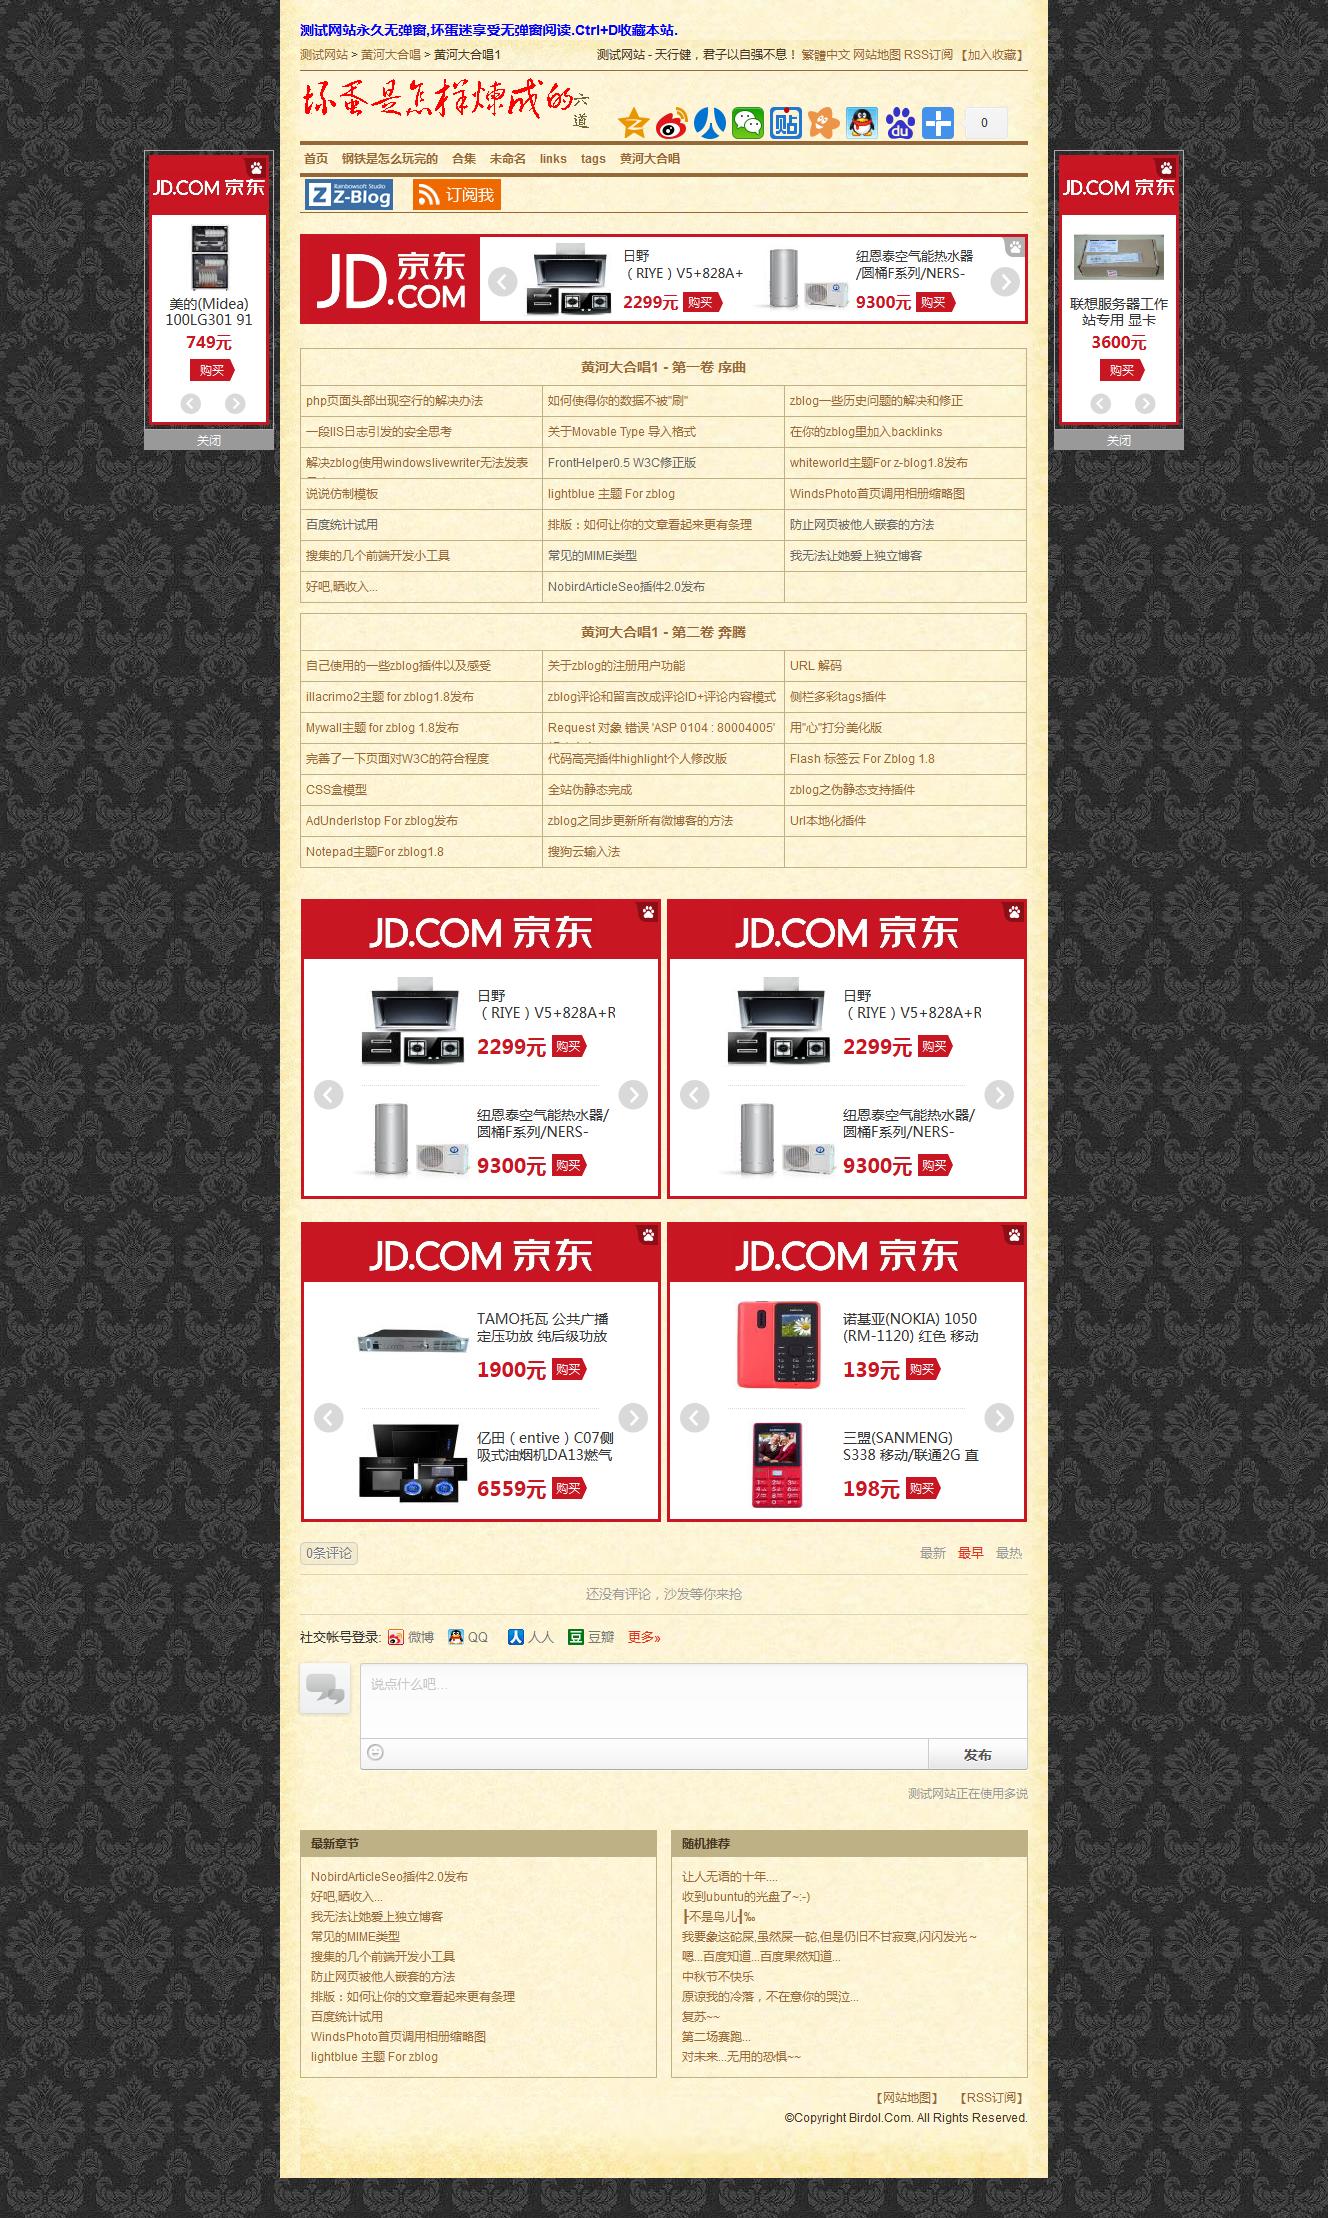 小说站主题(含手机版)[演示 不销售] 主题 模板 ZBLOGPHP主题 第2张